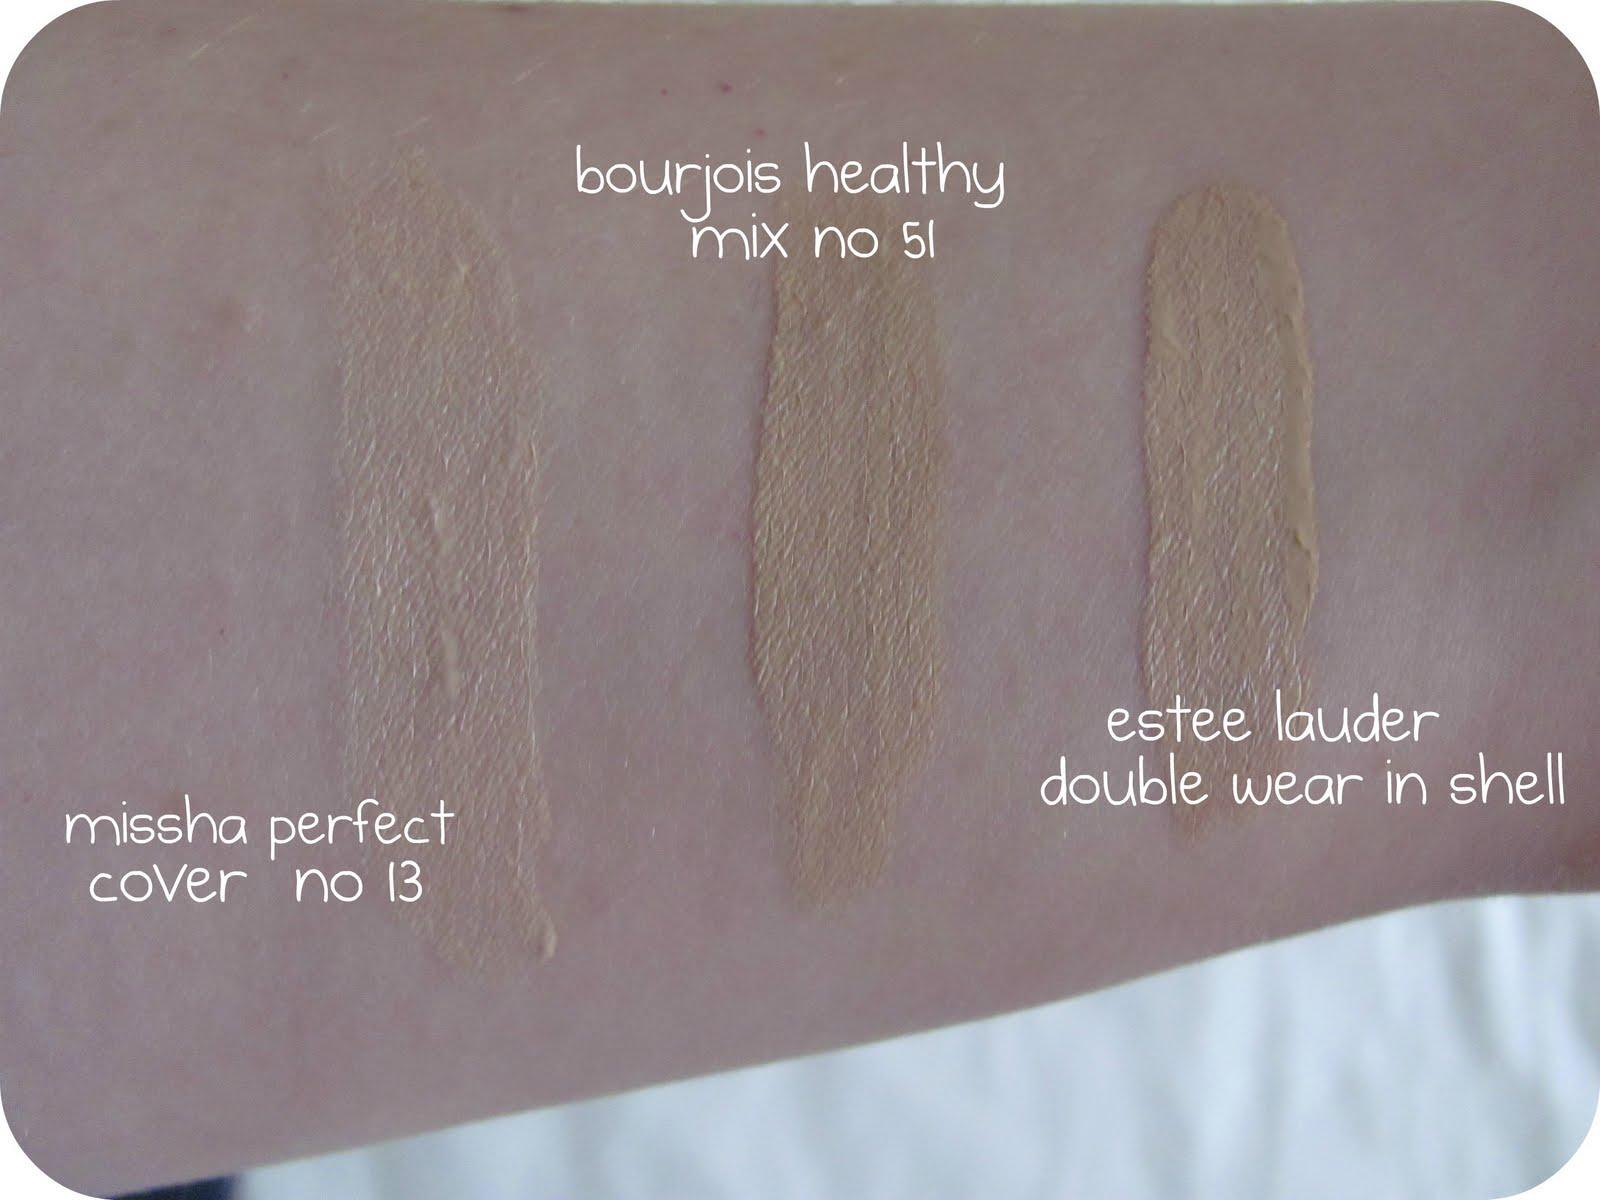 Healthy Mix BB Cream by Bourjois #12